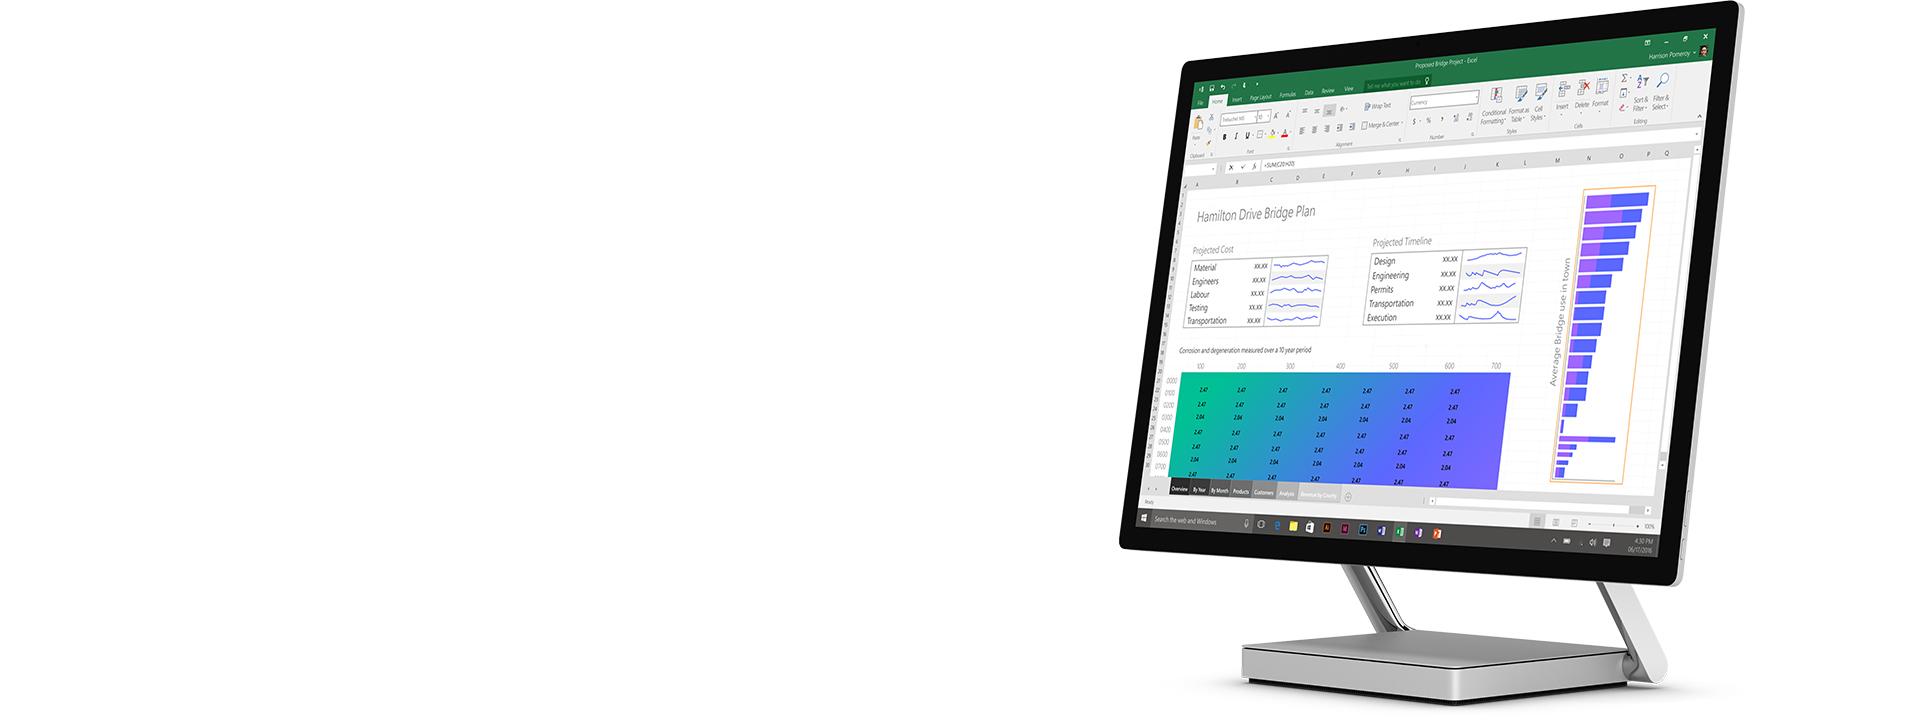 Surface Studio im Desktop-Modus mit geöffneter Excel-Tabelle auf dem Bildschirm